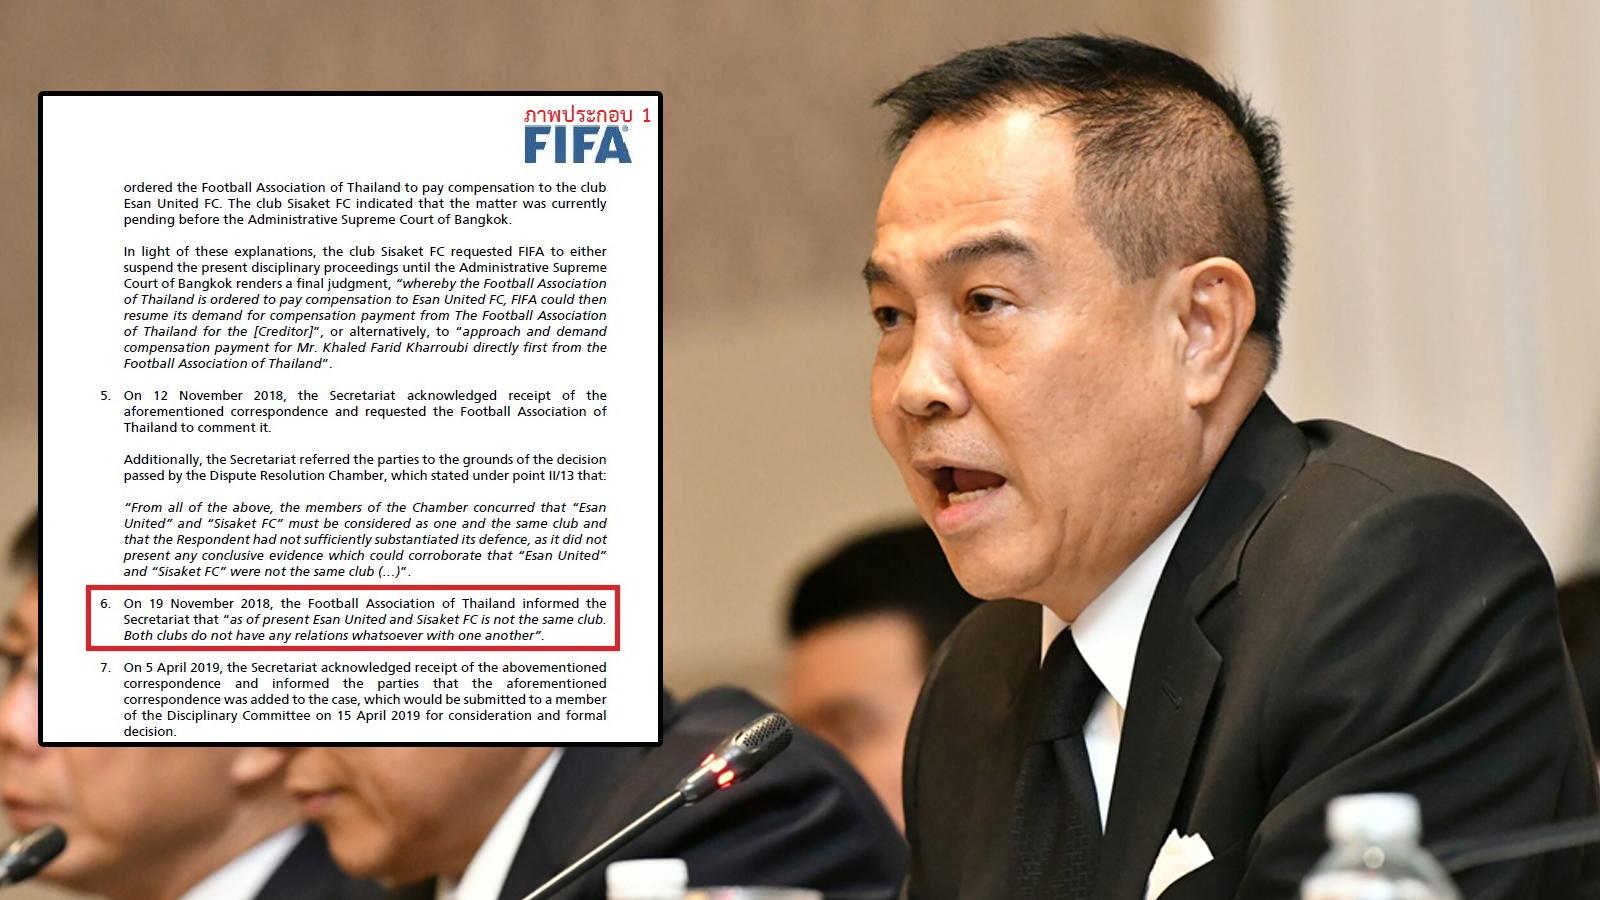 ธเนศ เครือรัตน์ ฟีฟ่า ศรีสะเกษ เอฟซี สมาคมกีฬาฟุตบอลแห่งประเทศไทย